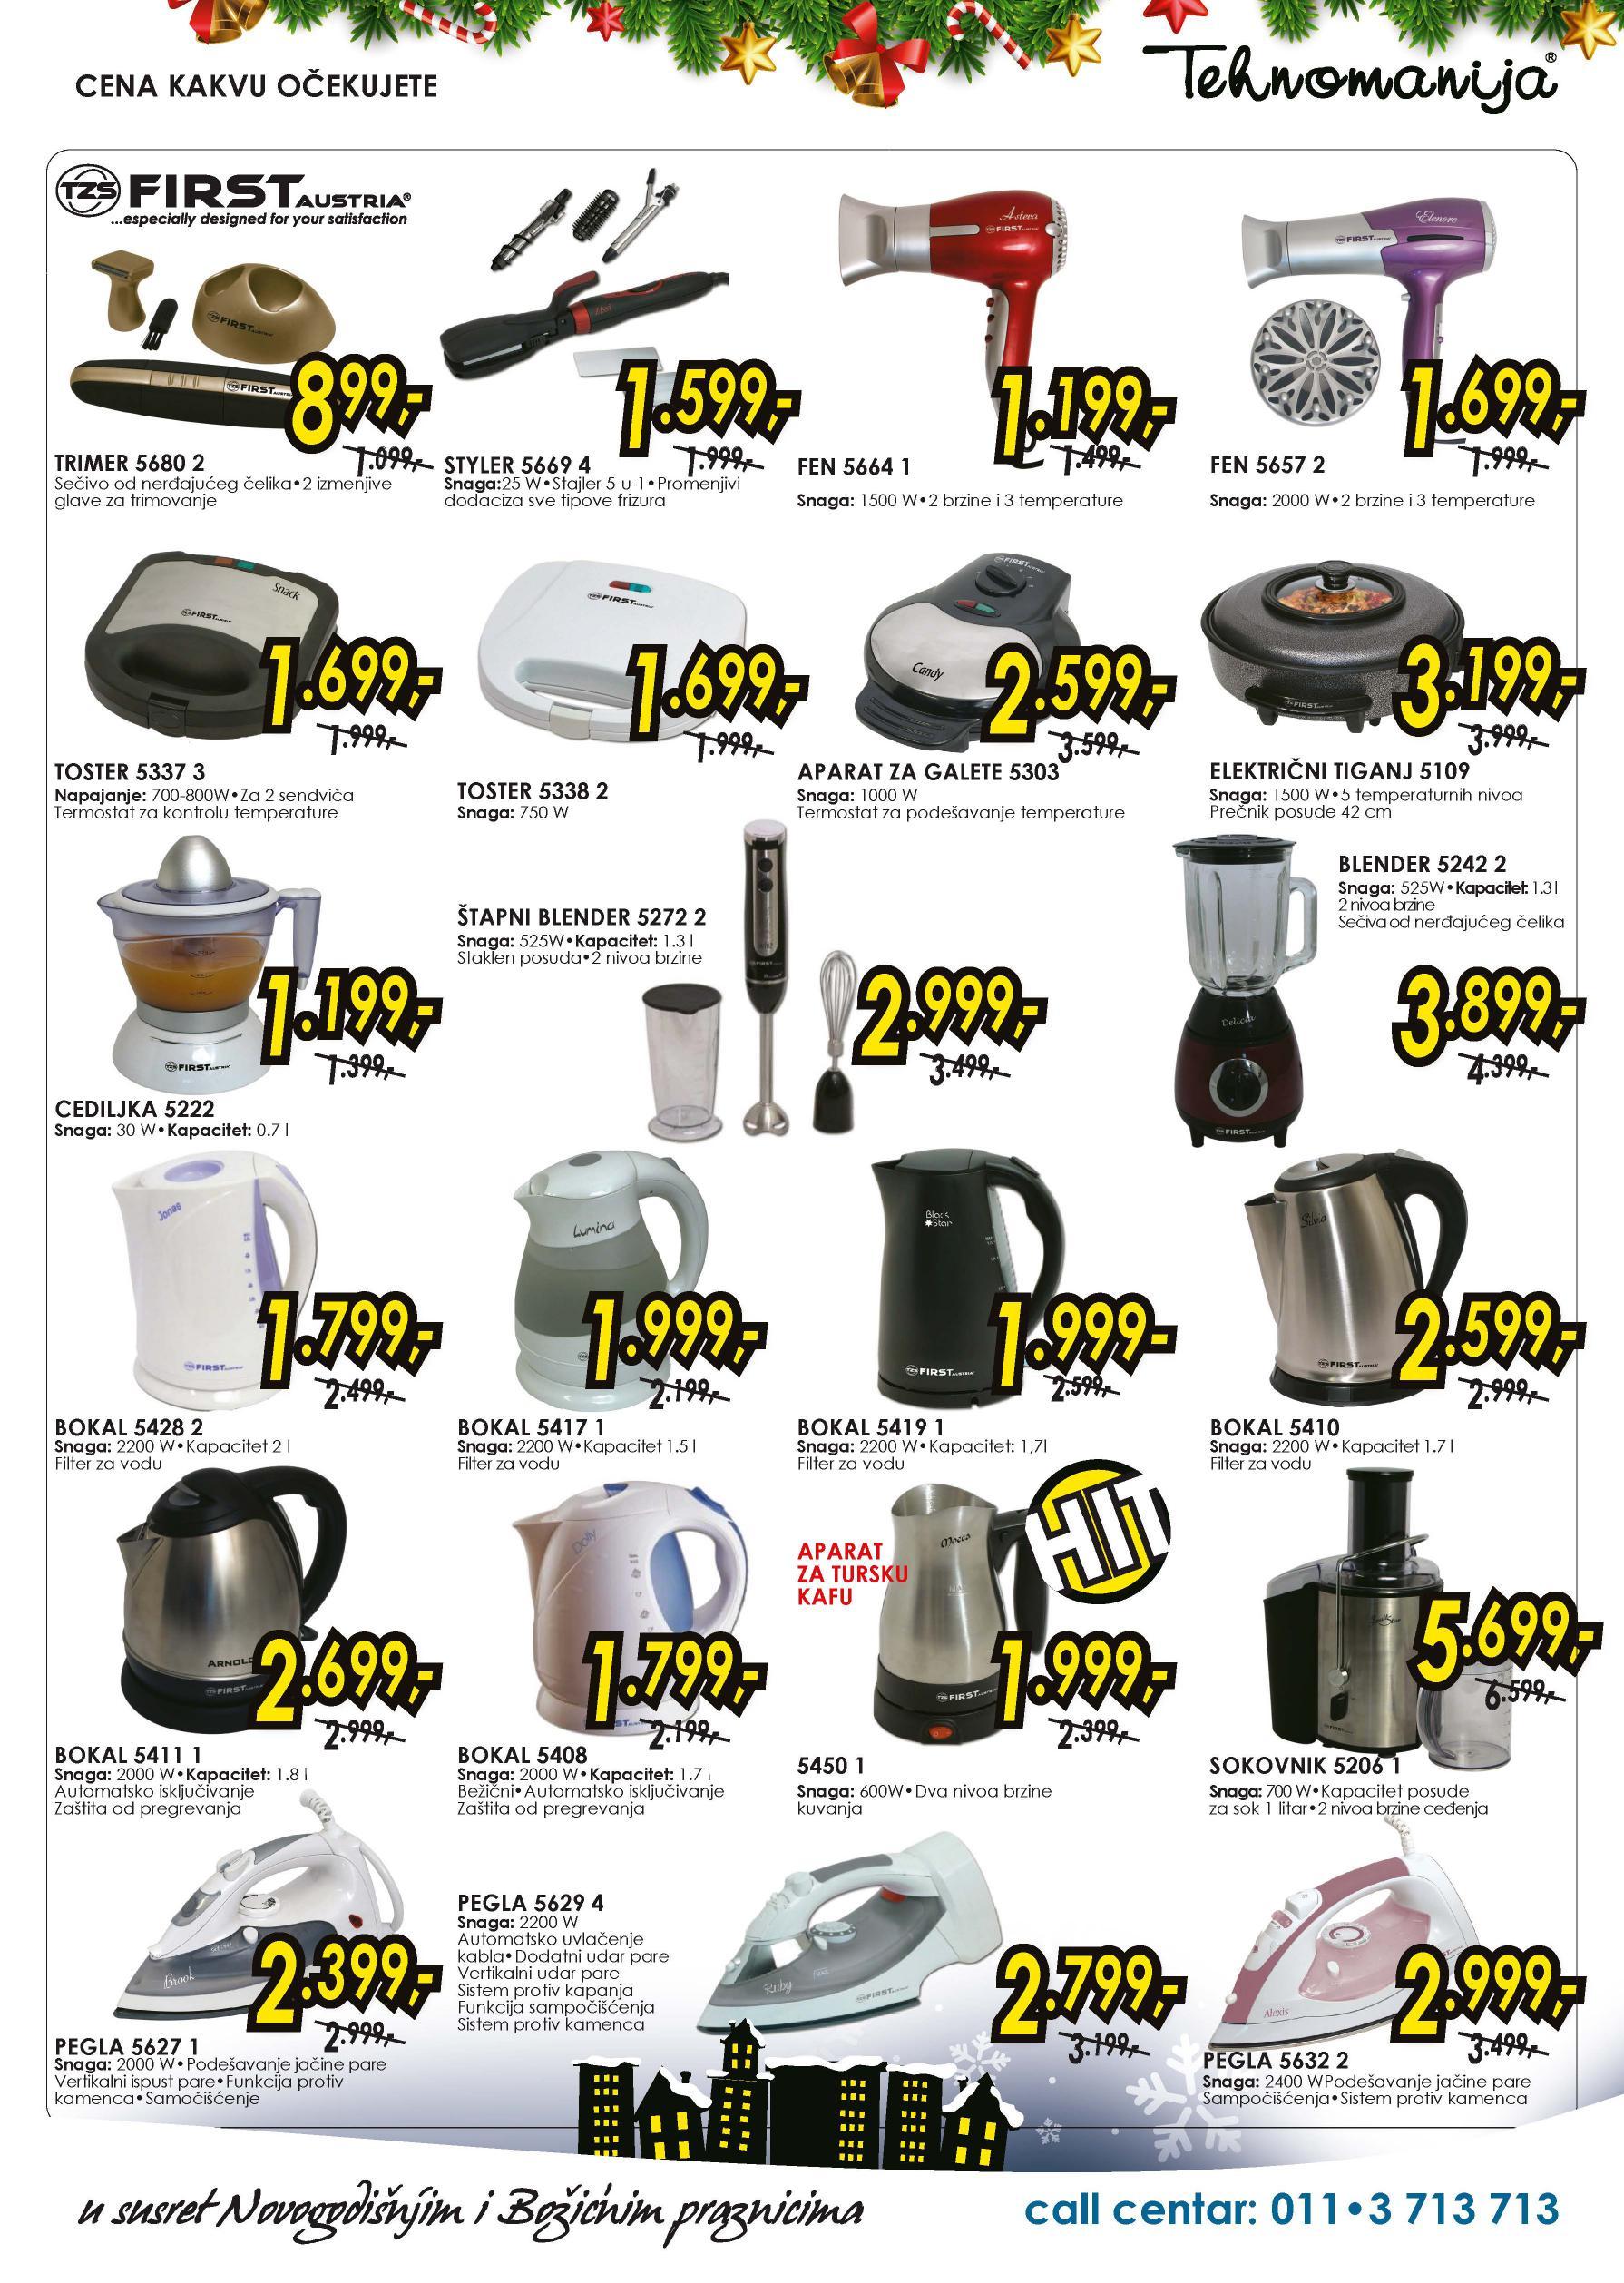 Tehnomanija katalog veliko sniženje malih kućnih aparata